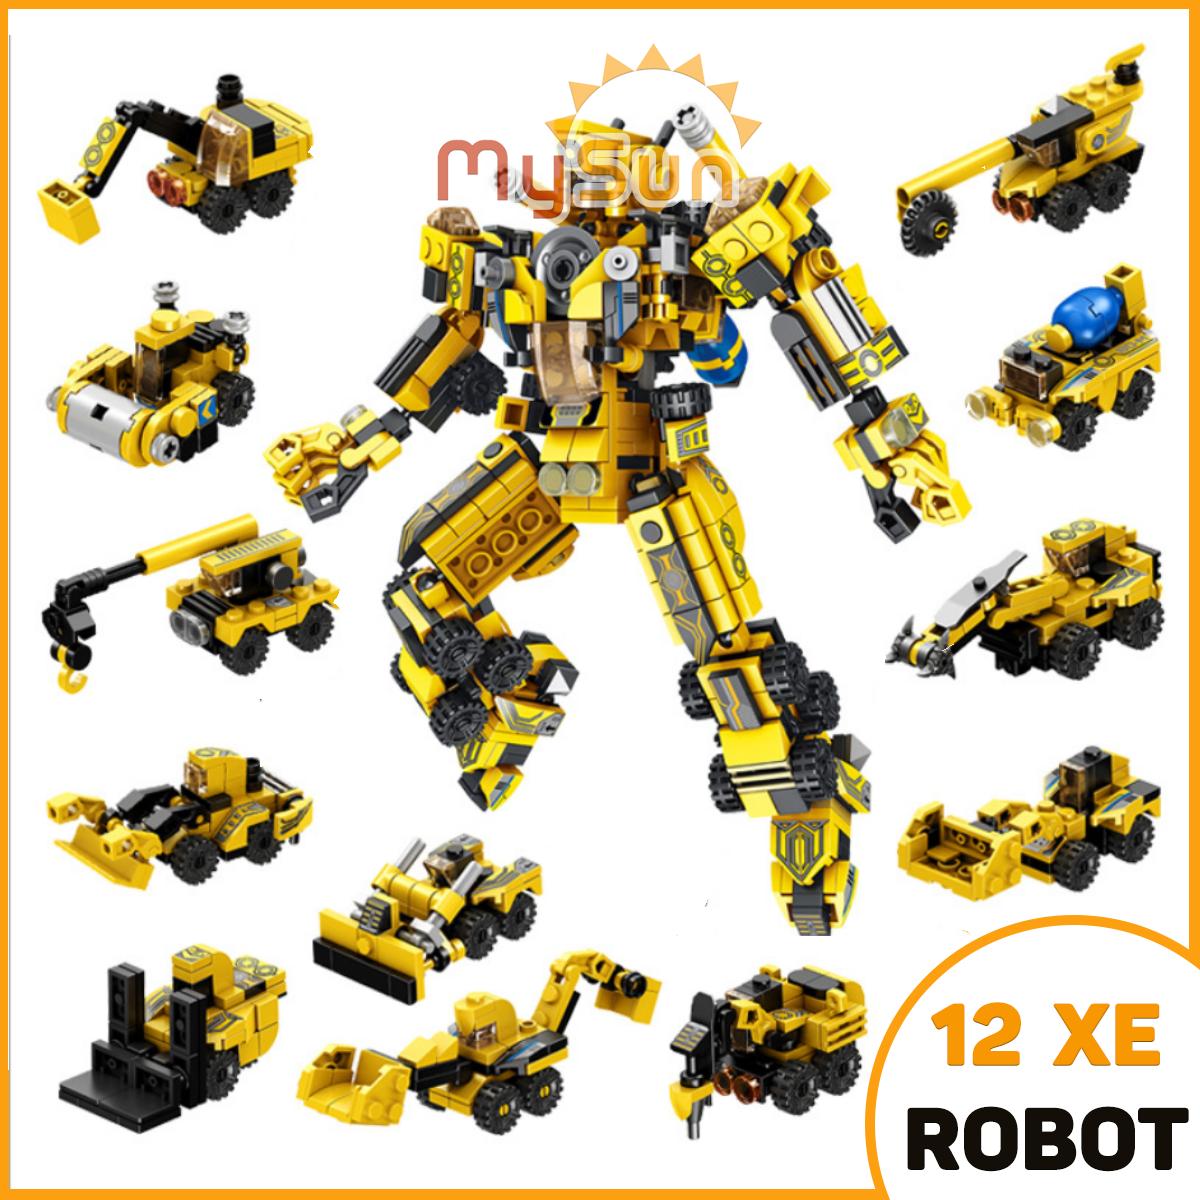 LEGO ROBOT biến hình xe ô tô máy bay mô hình đồ chơi mini bằng nhựa ABS cao cấp MySun